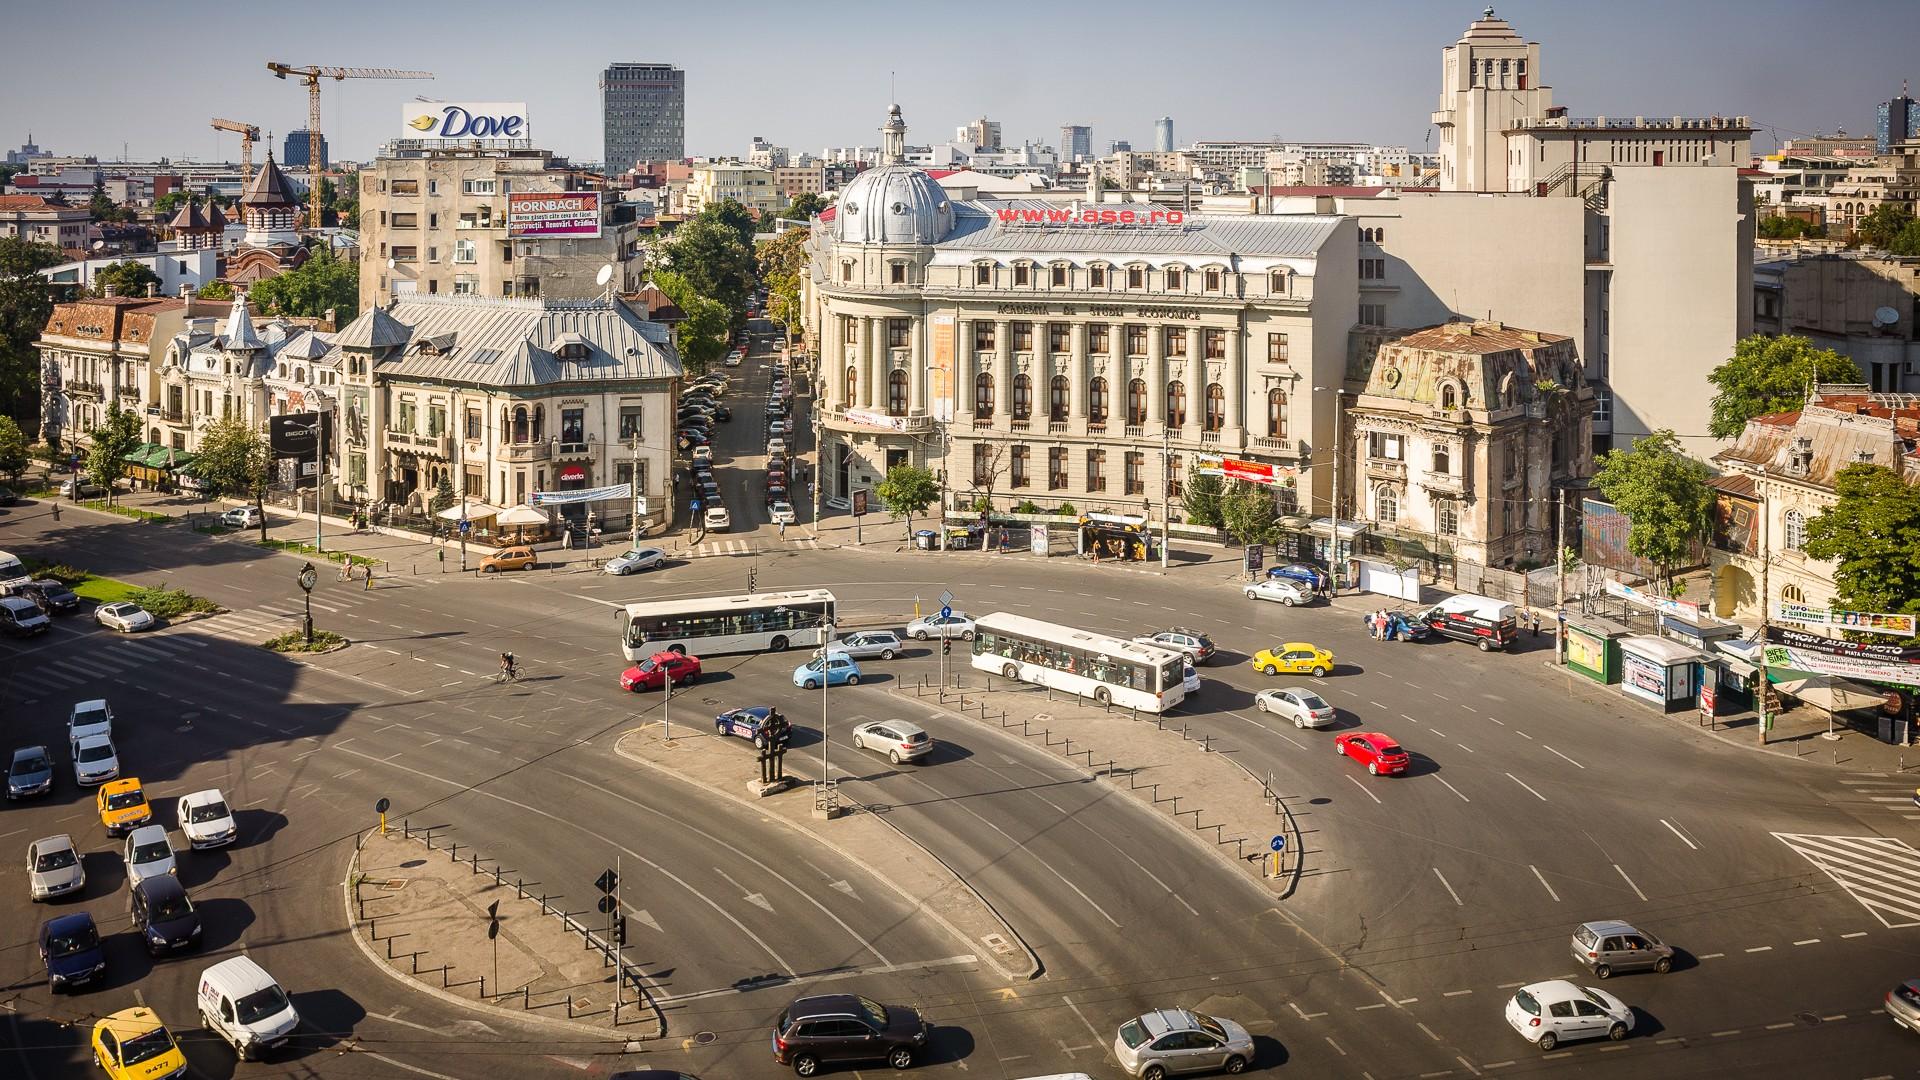 Autobuzele liniei 381 vor opri de două ori la Piața Romană. Cum se modifică traseul acestora, potrivit STB